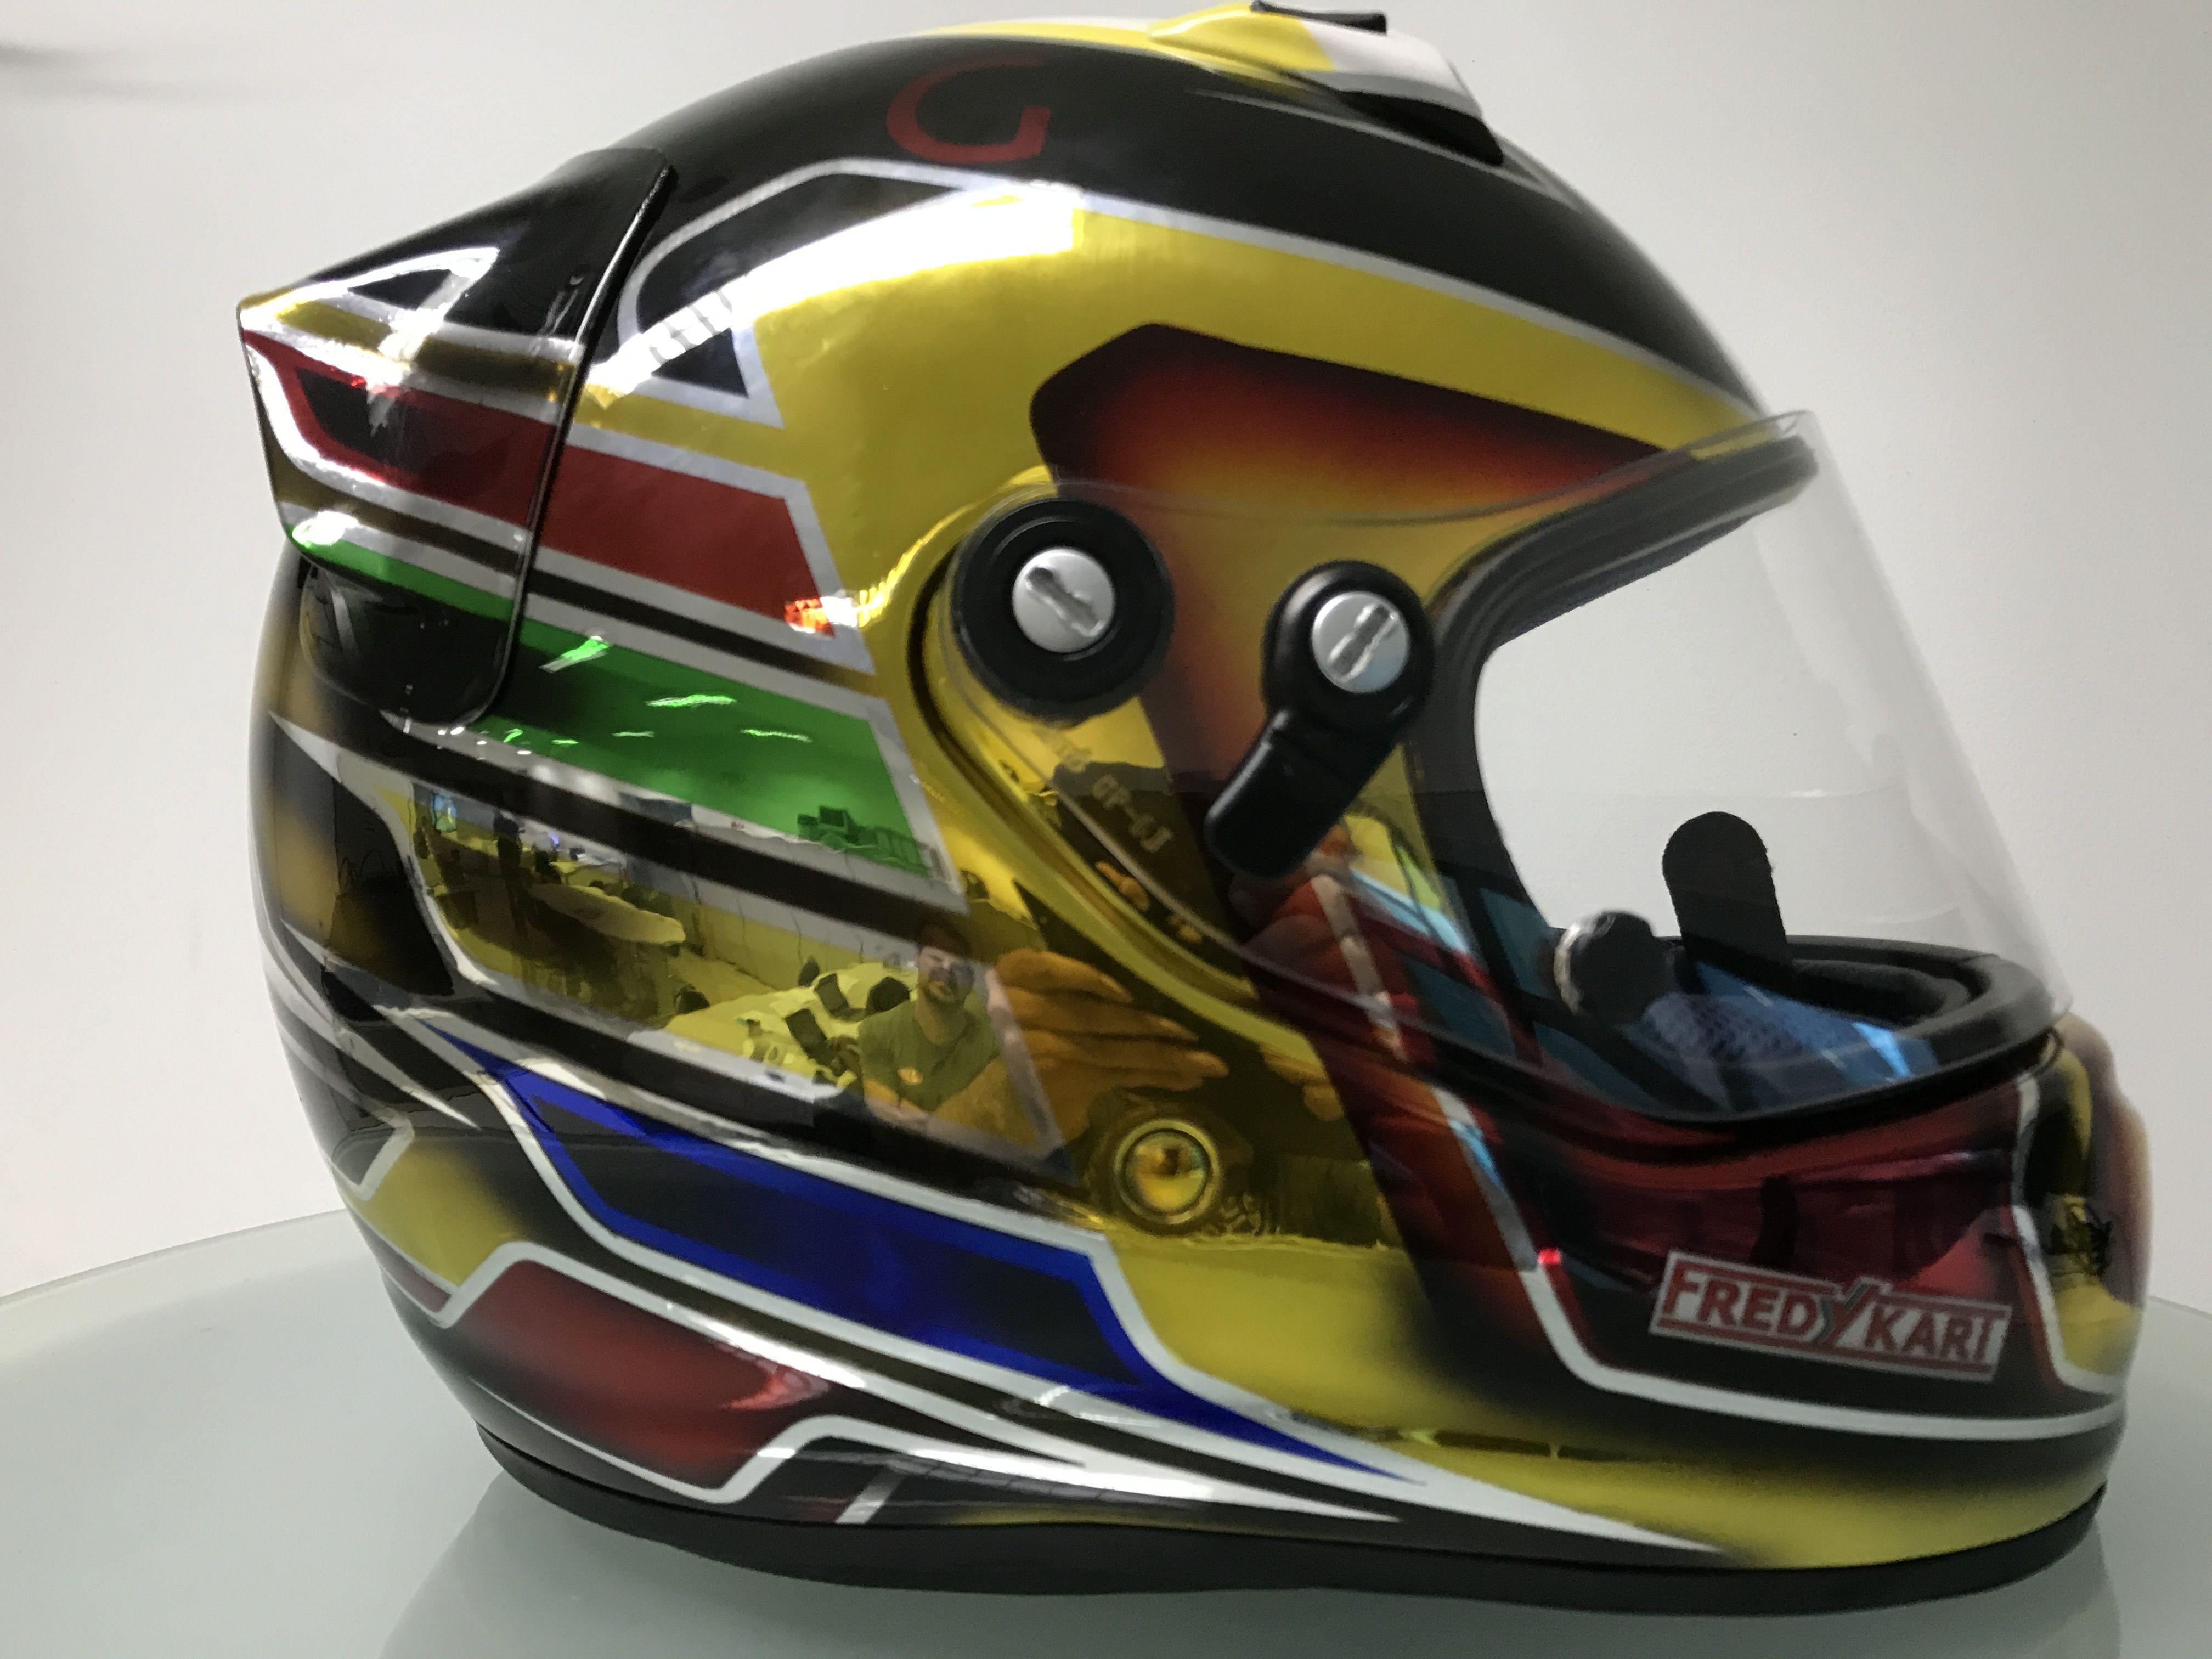 198321c54e59f Pintura em capacete arai CK6 com efeito em cromo para piloto Bernardo  Gentil by Fredy Kart